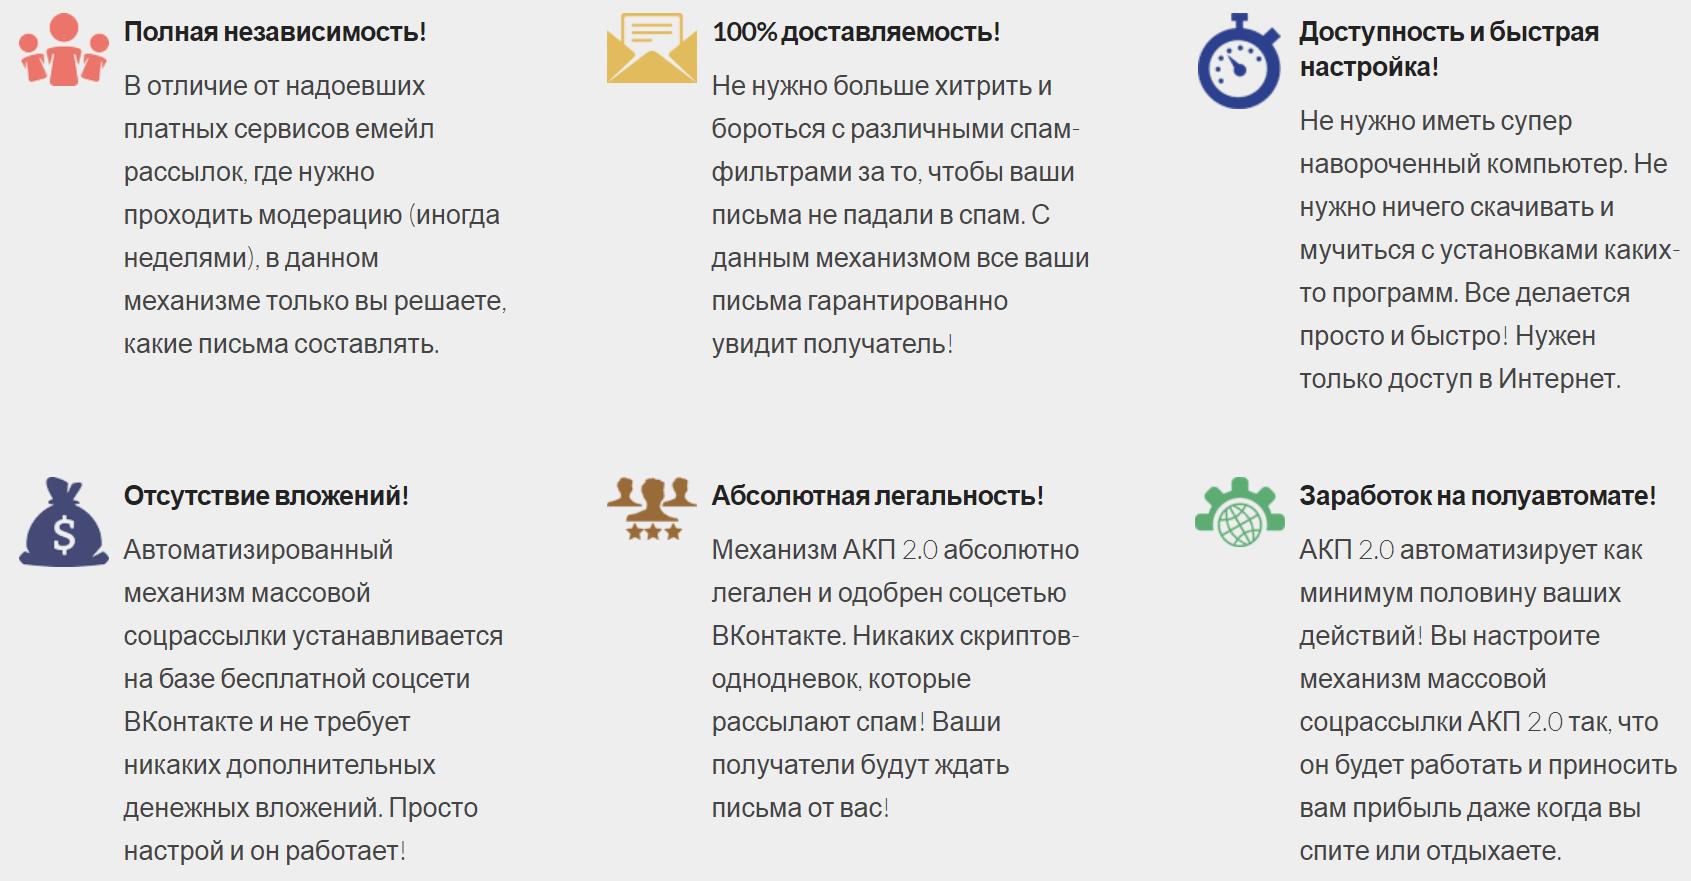 АКП 2.0, автоматизированный механизм массовых соцрассылок